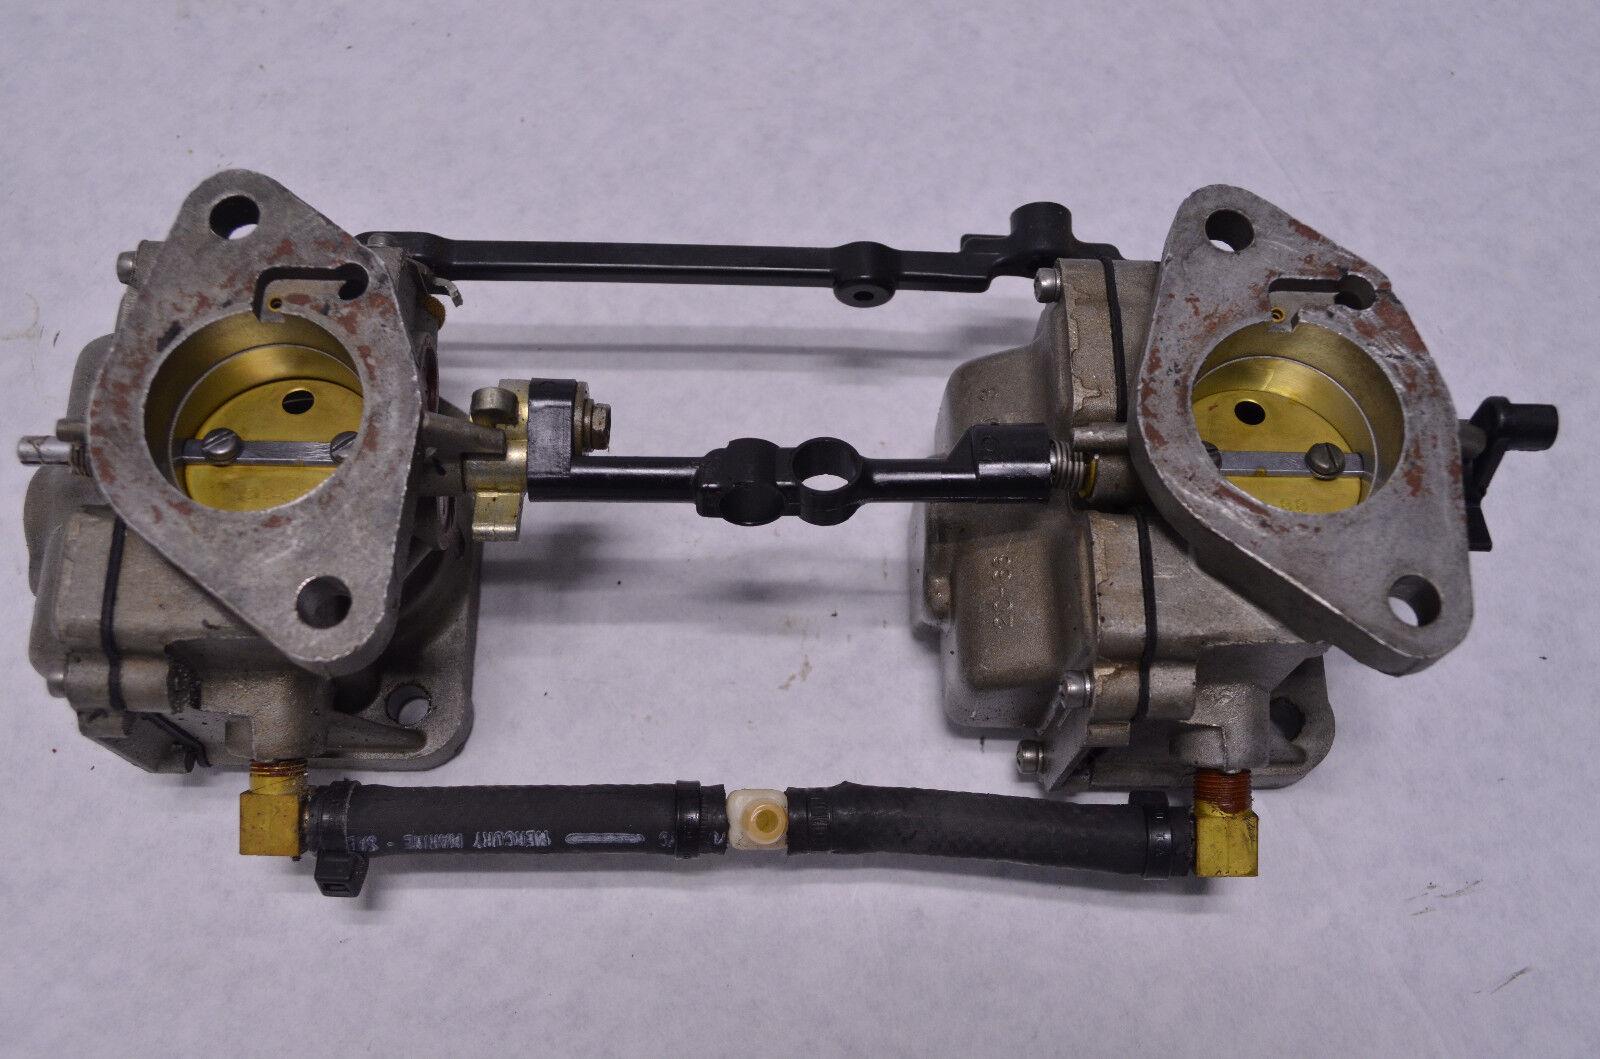 Mercury Outboard OEM 1977 85hp 4 cyl Carburetors 1379-6071A11 (A3-3)